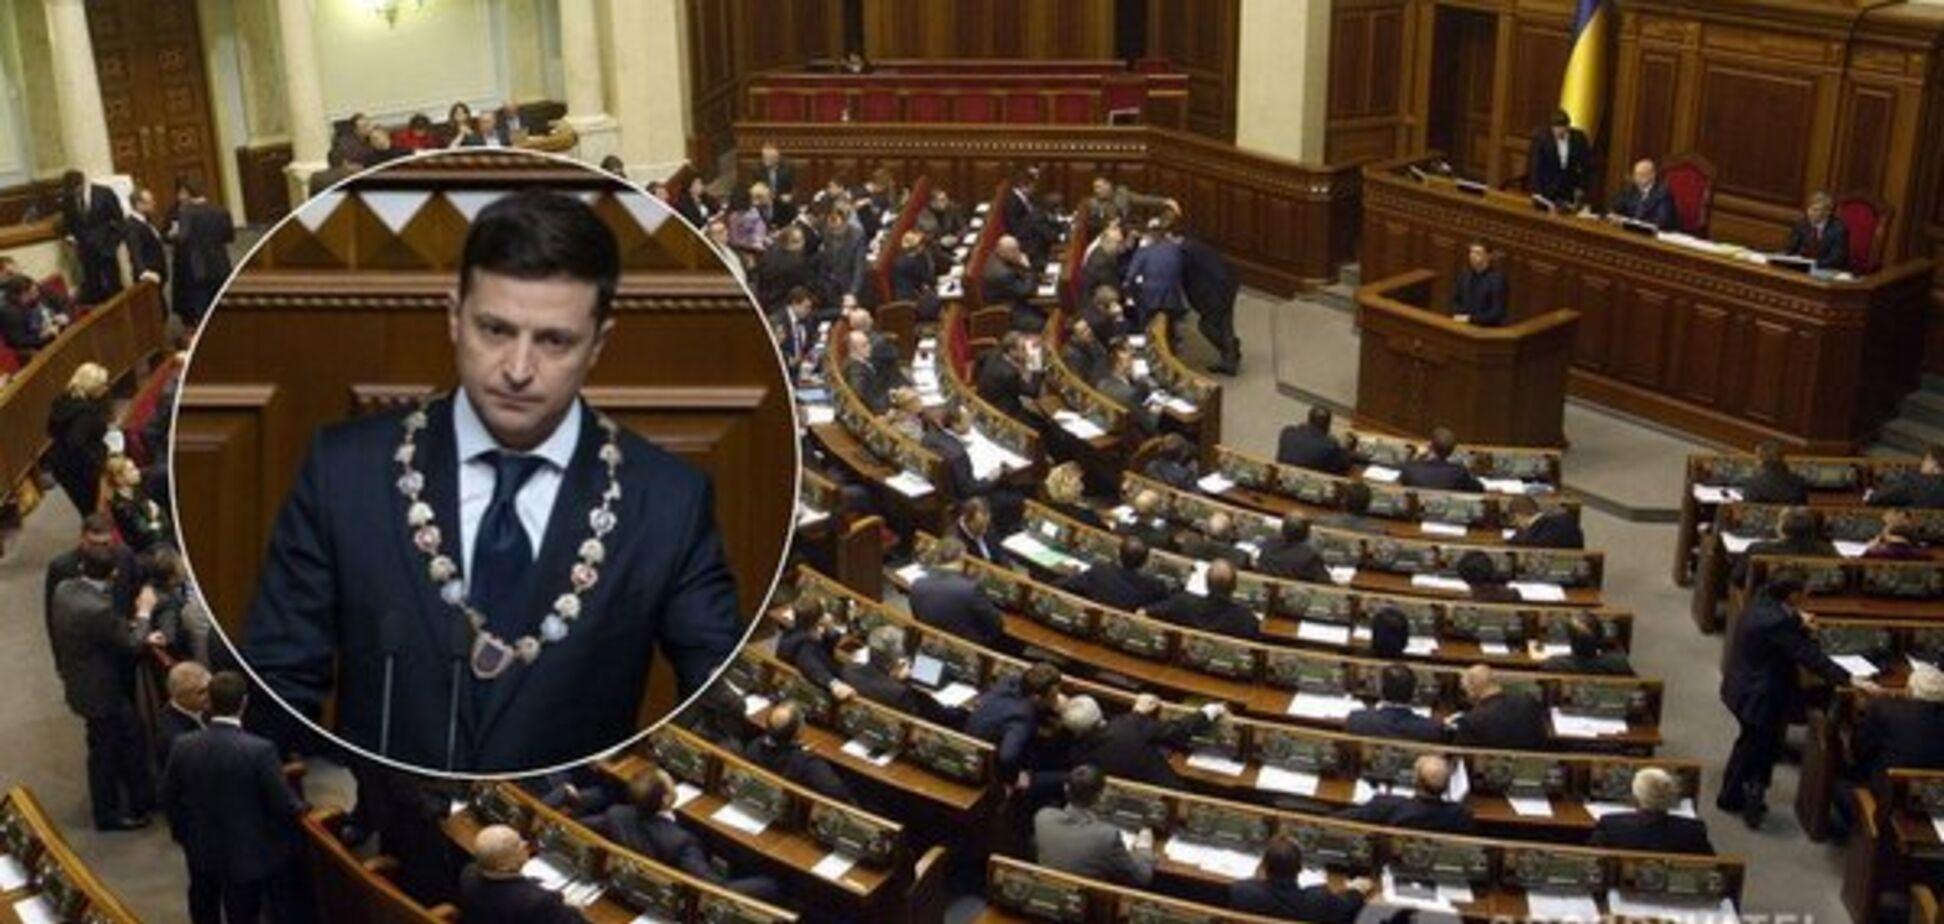 Скандал із розпуском Ради: опублікована стенограма закритої зустрічі Зеленського з главами фракцій